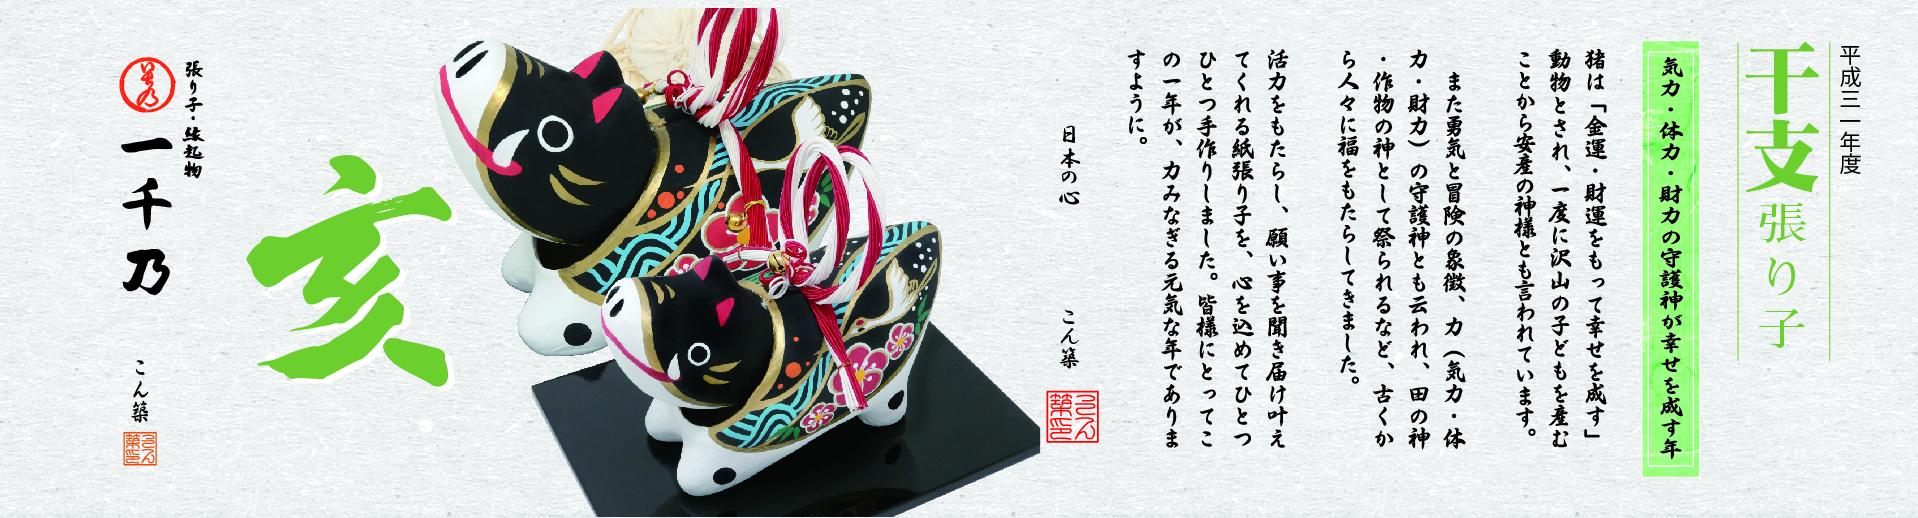 http://www.ichino.co.jp/